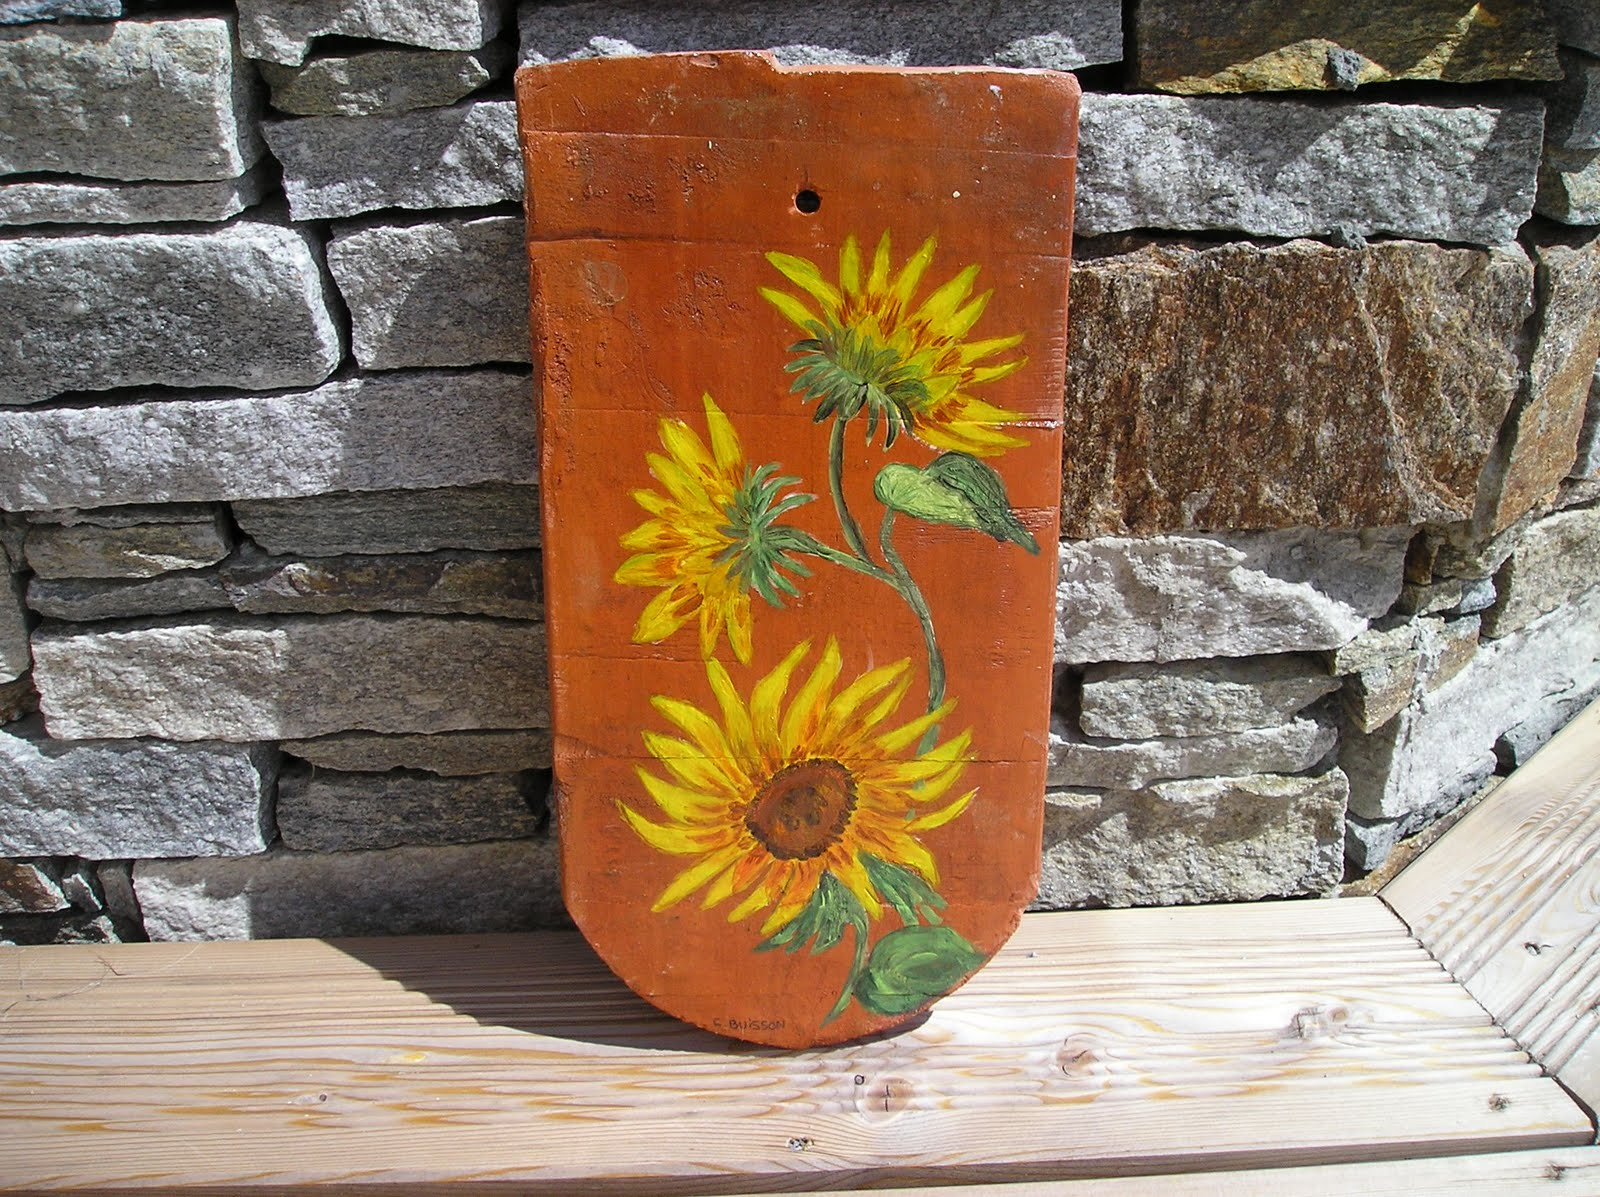 Art d co bois flott peinture d corative objets divers for Peindre sur bois verni